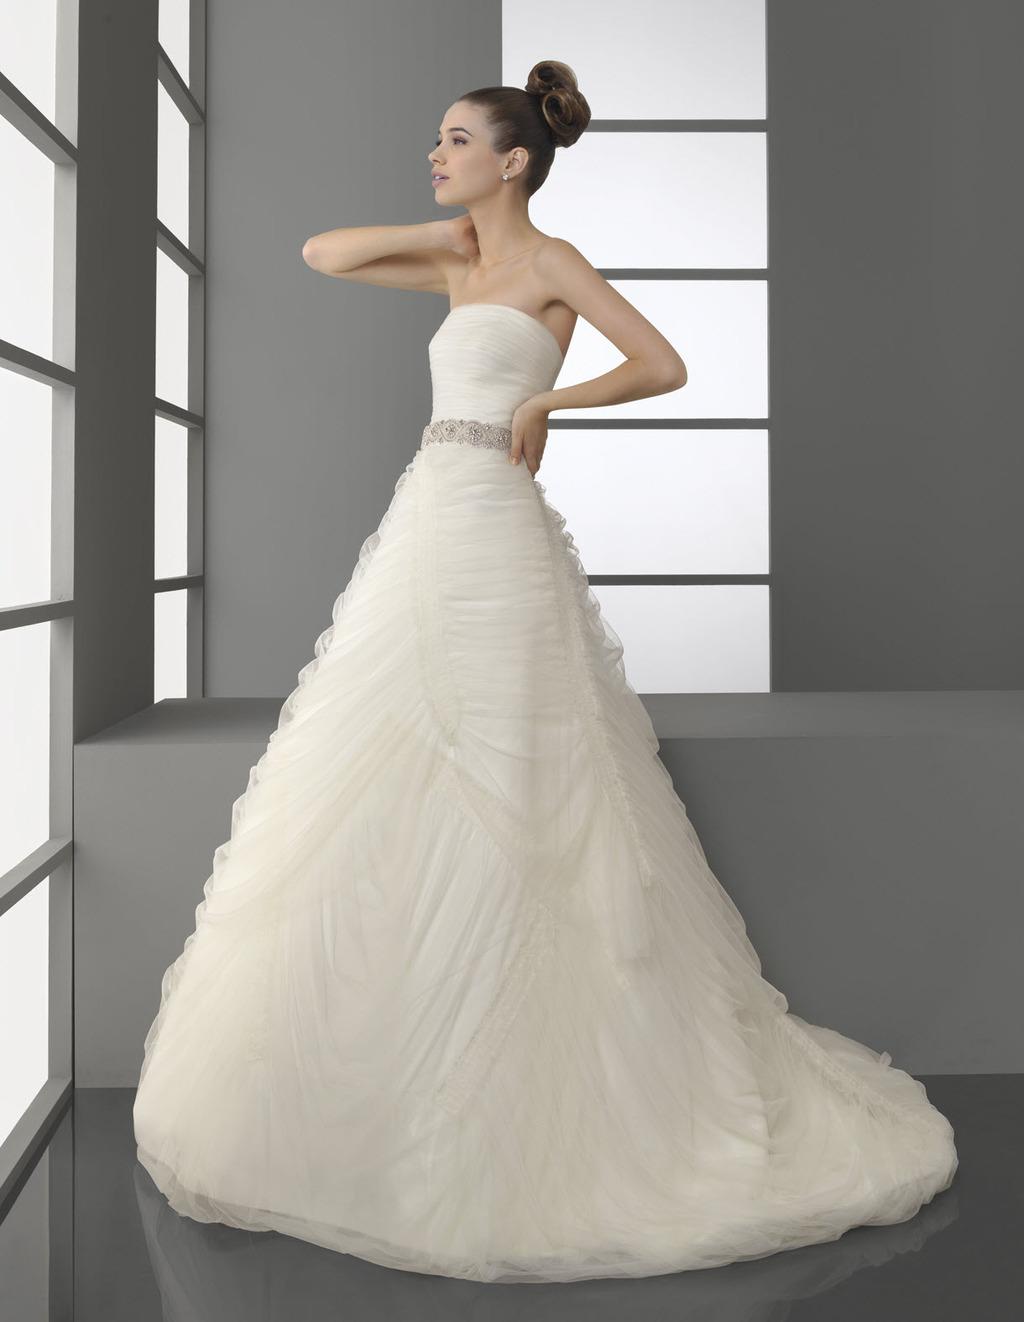 Polka-wedding-dress-spring-2012-aire-barcelona-strapless-beaded-bridal-belt.full